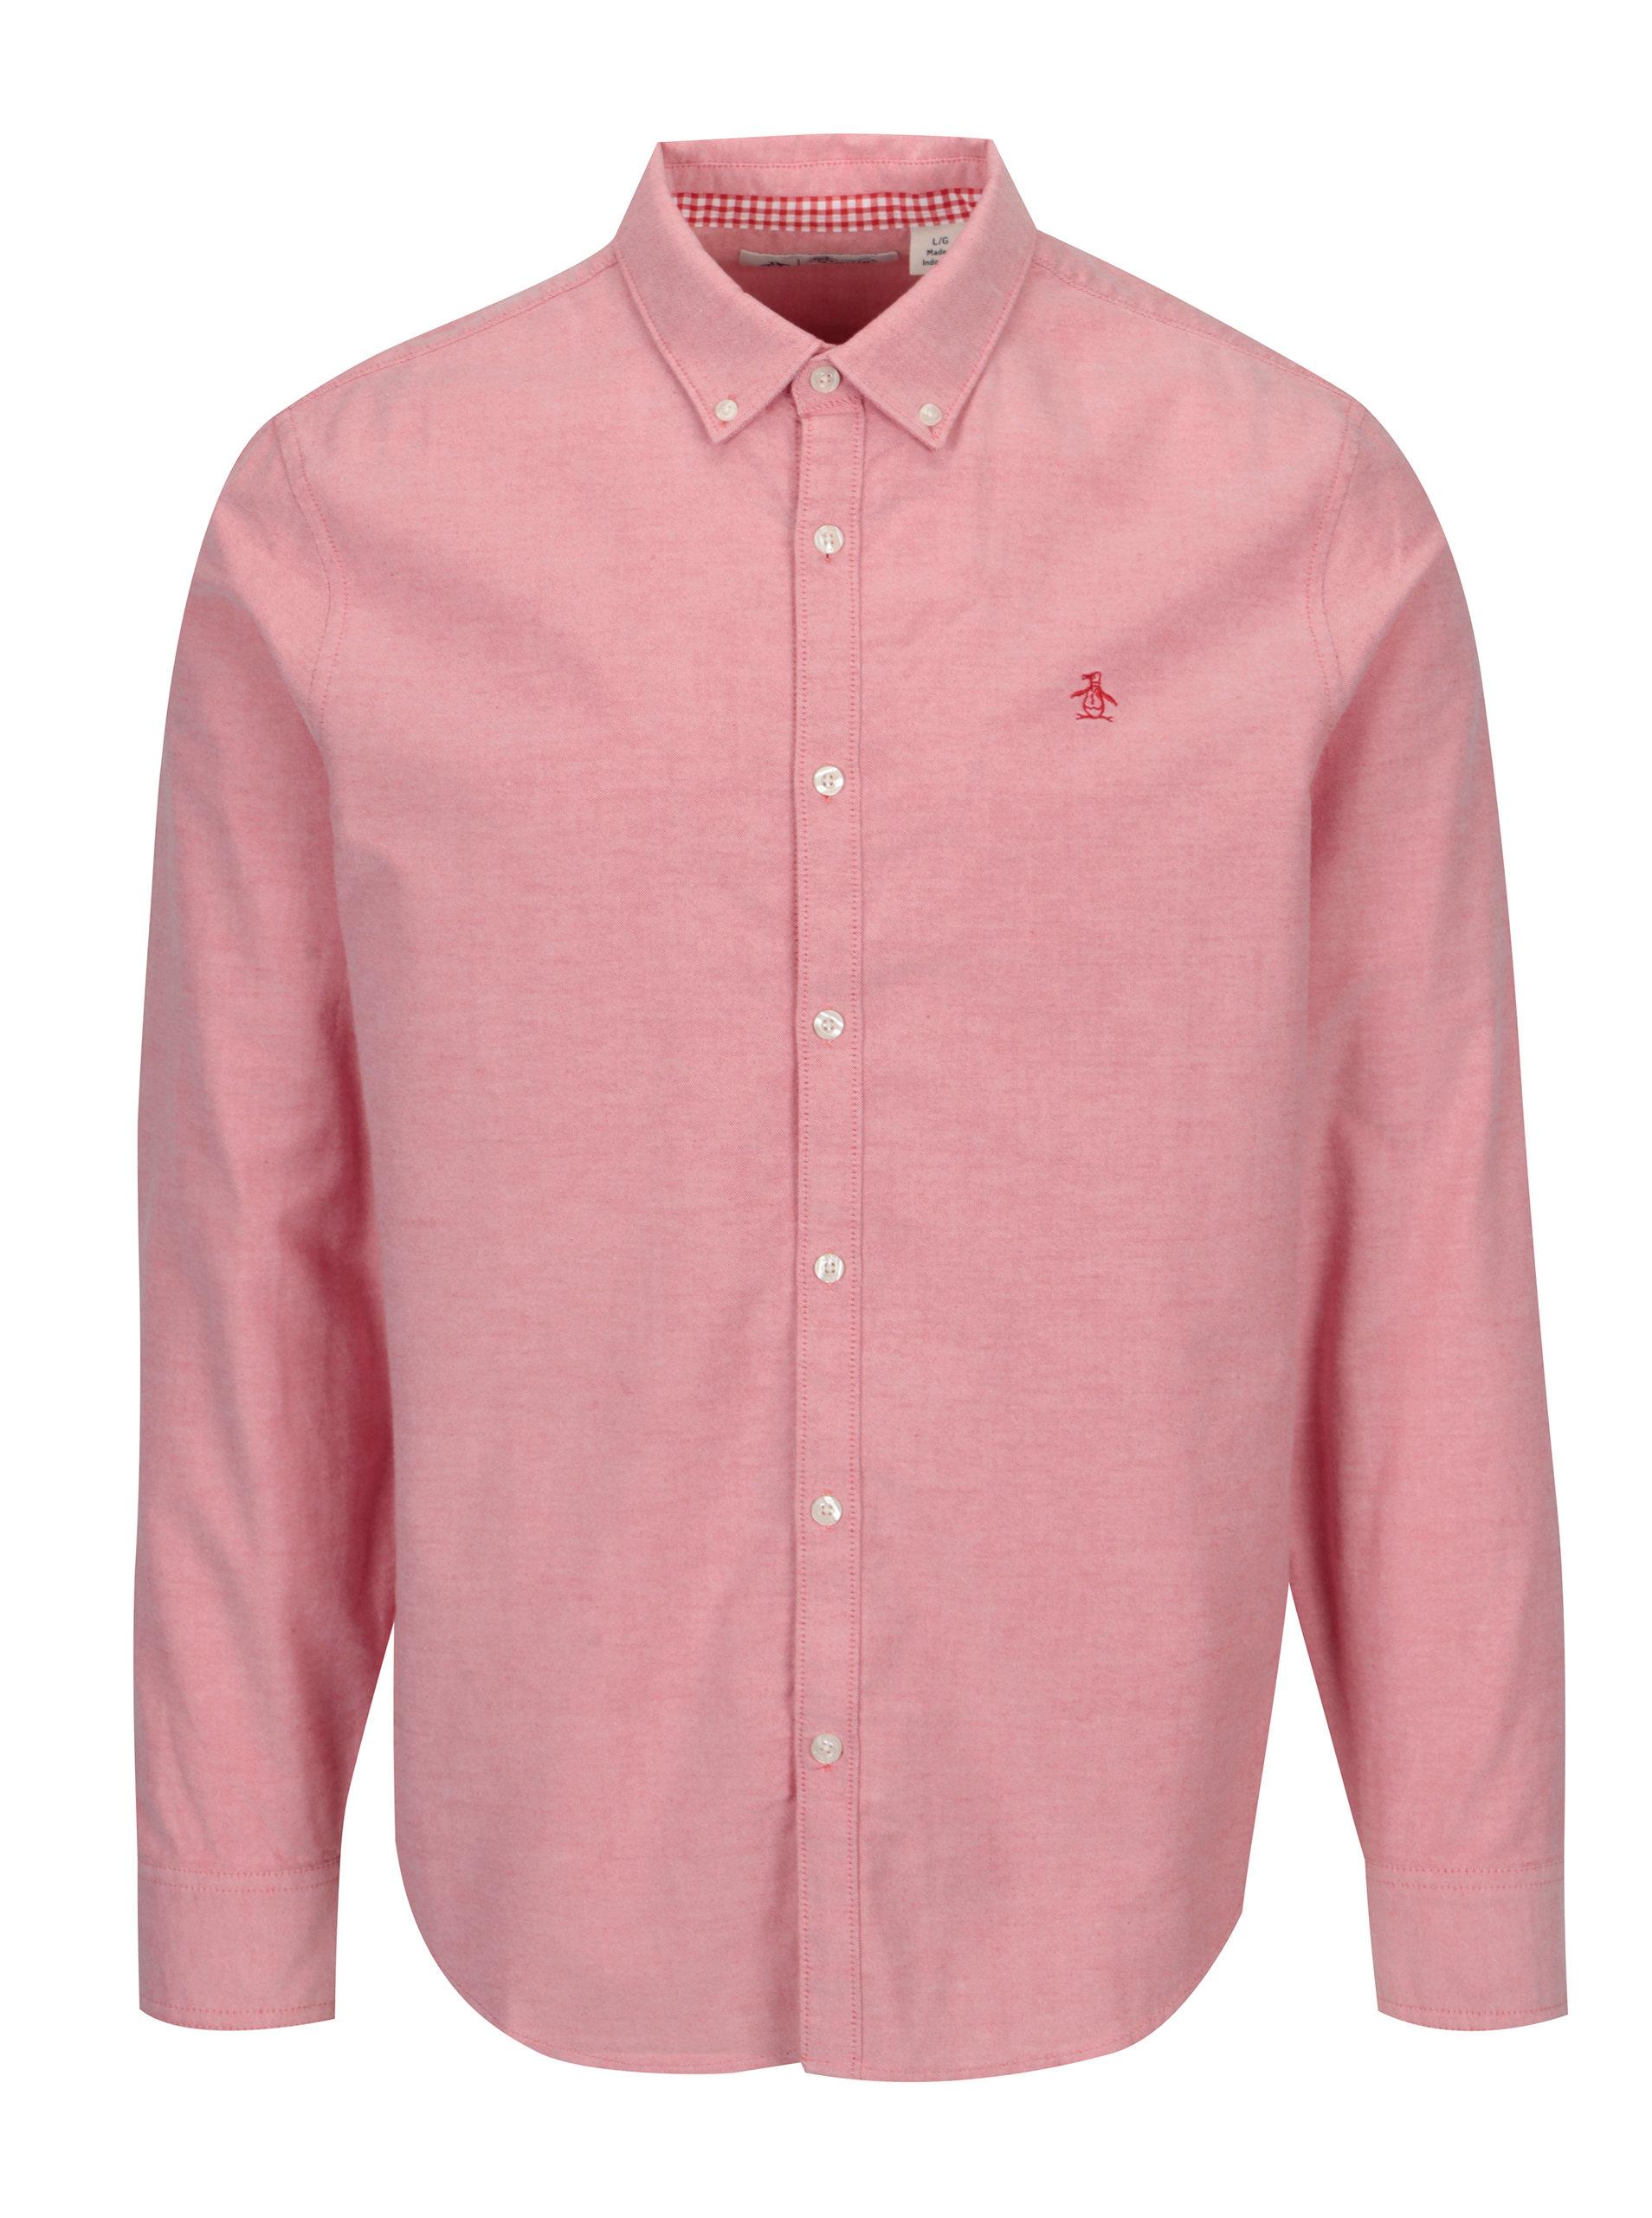 Růžová košile s dlouhým rukávem Original Penguin b4d3f134b0